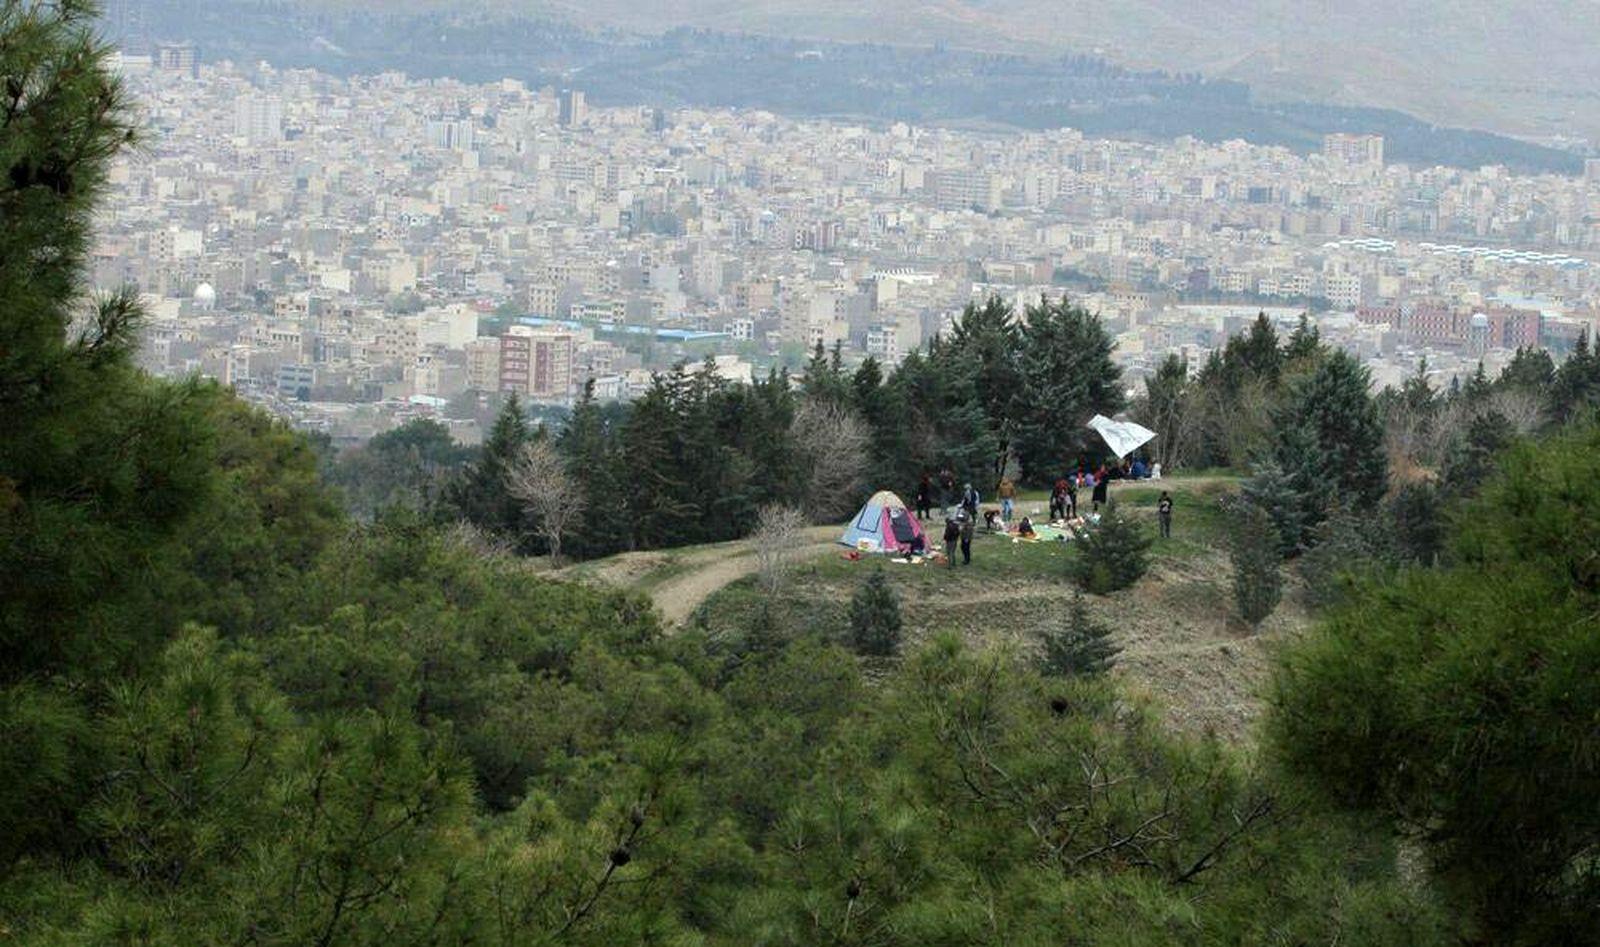 جاذبه گردشگریشیان ، پارک شیان تهران